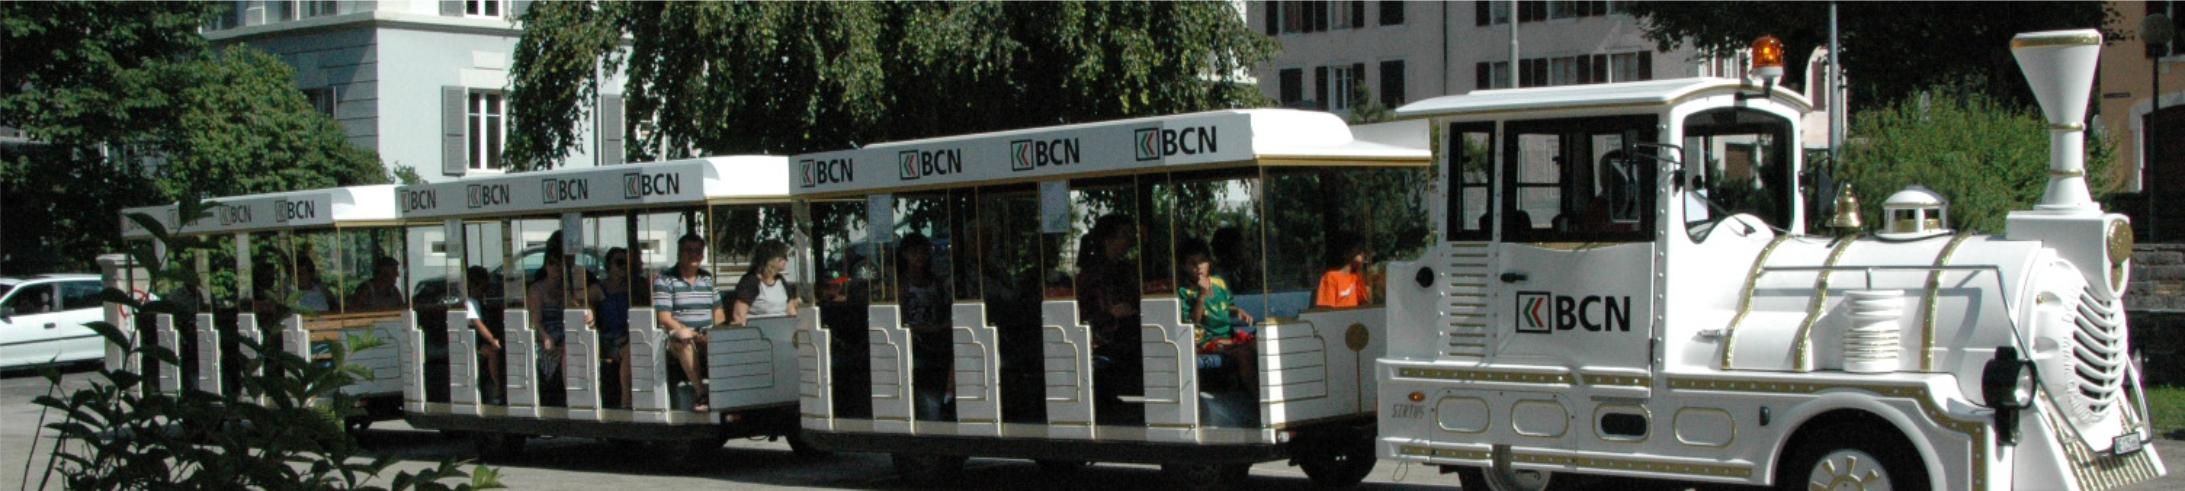 Le train touristique reprend du service